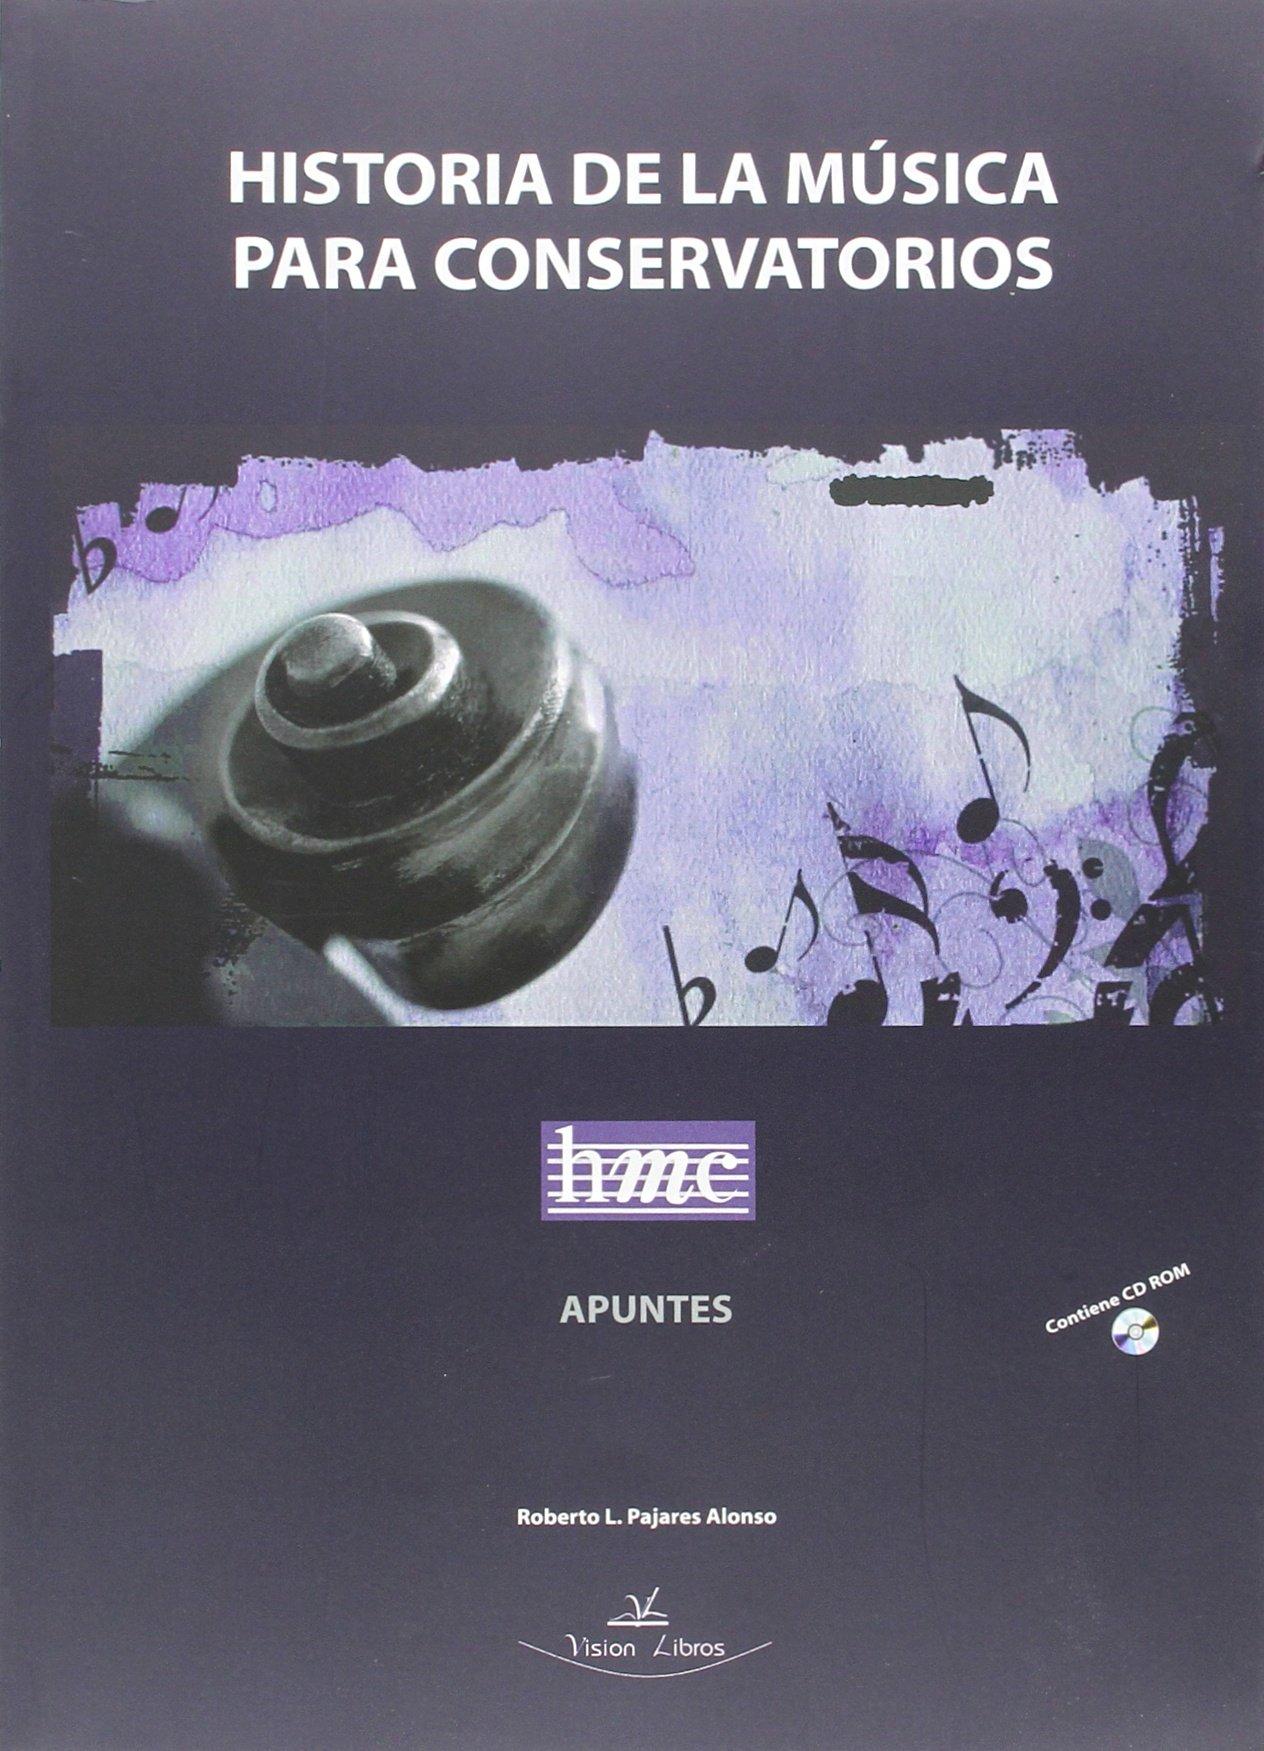 Historia de la música para conservatorios : apuntes: Amazon.es: Pajares Alonso, Roberto: Libros